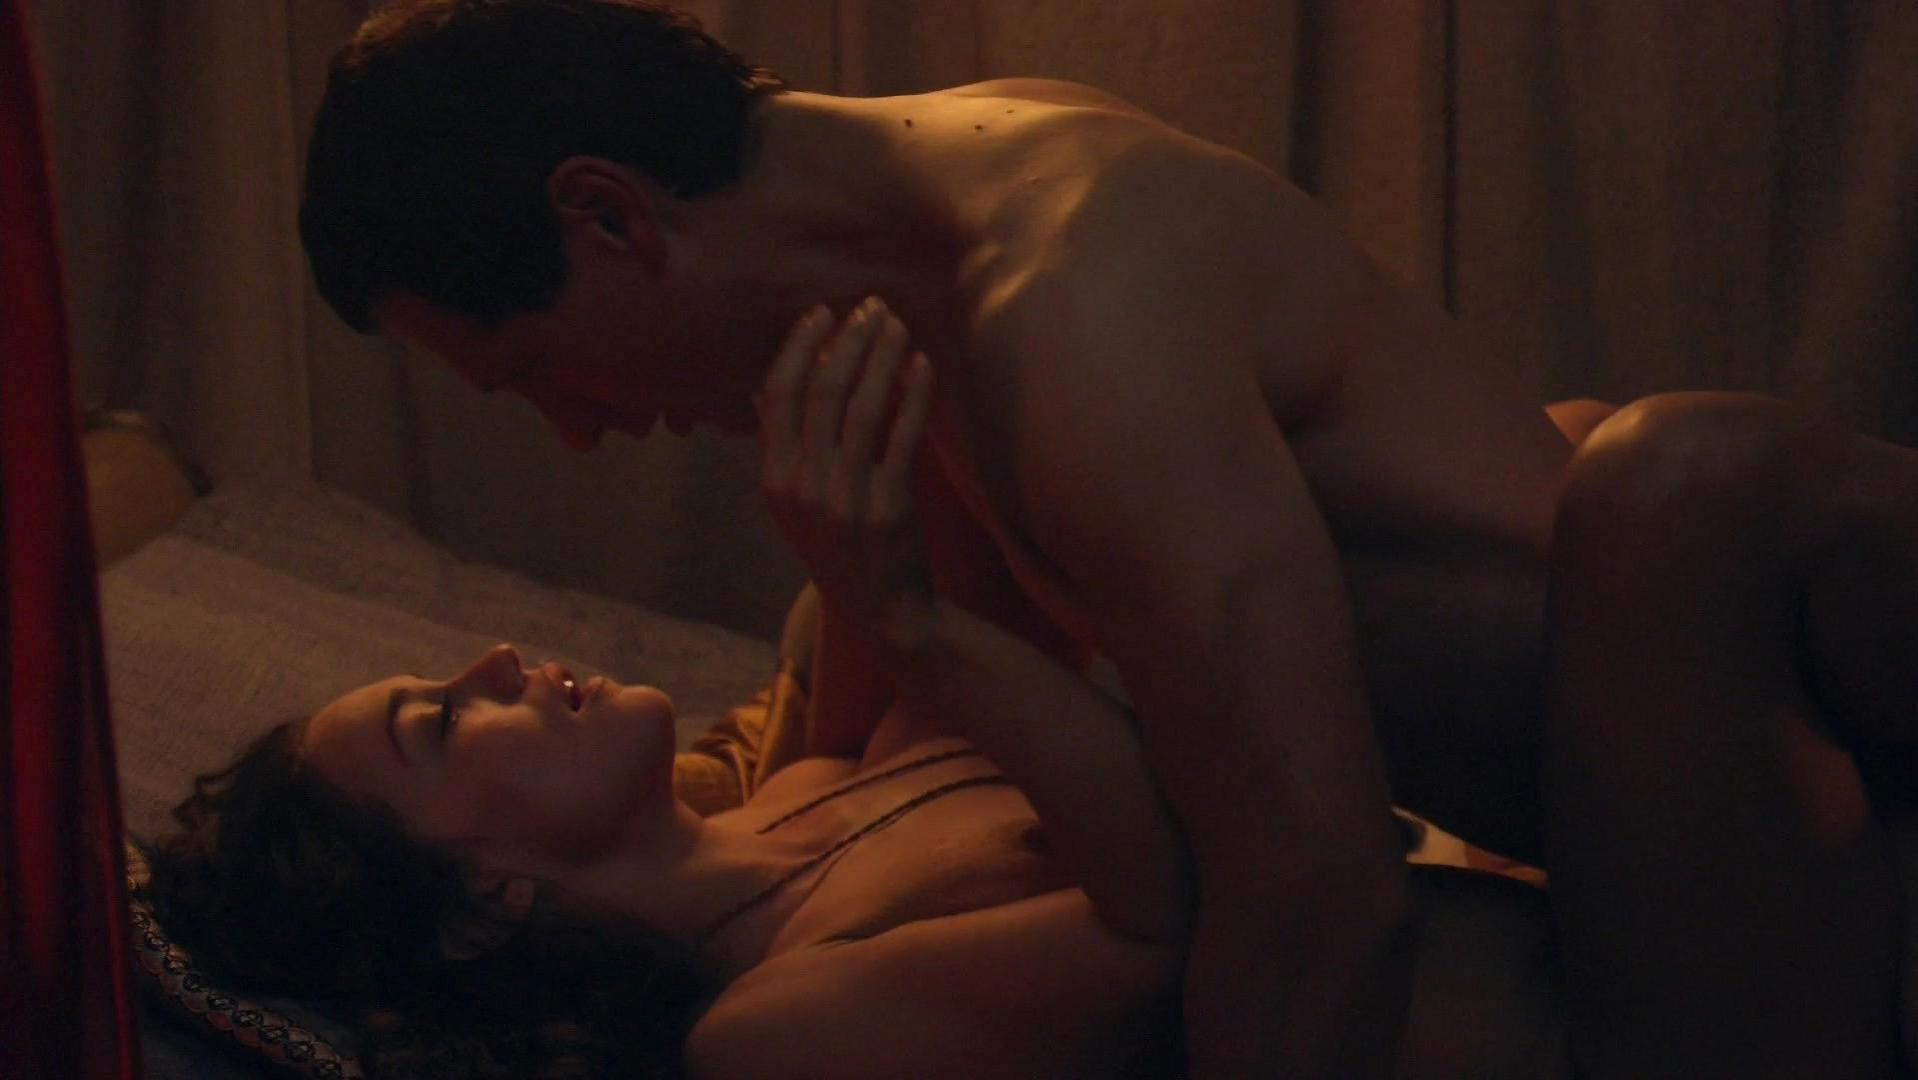 Знаменитости сексуальная сцена